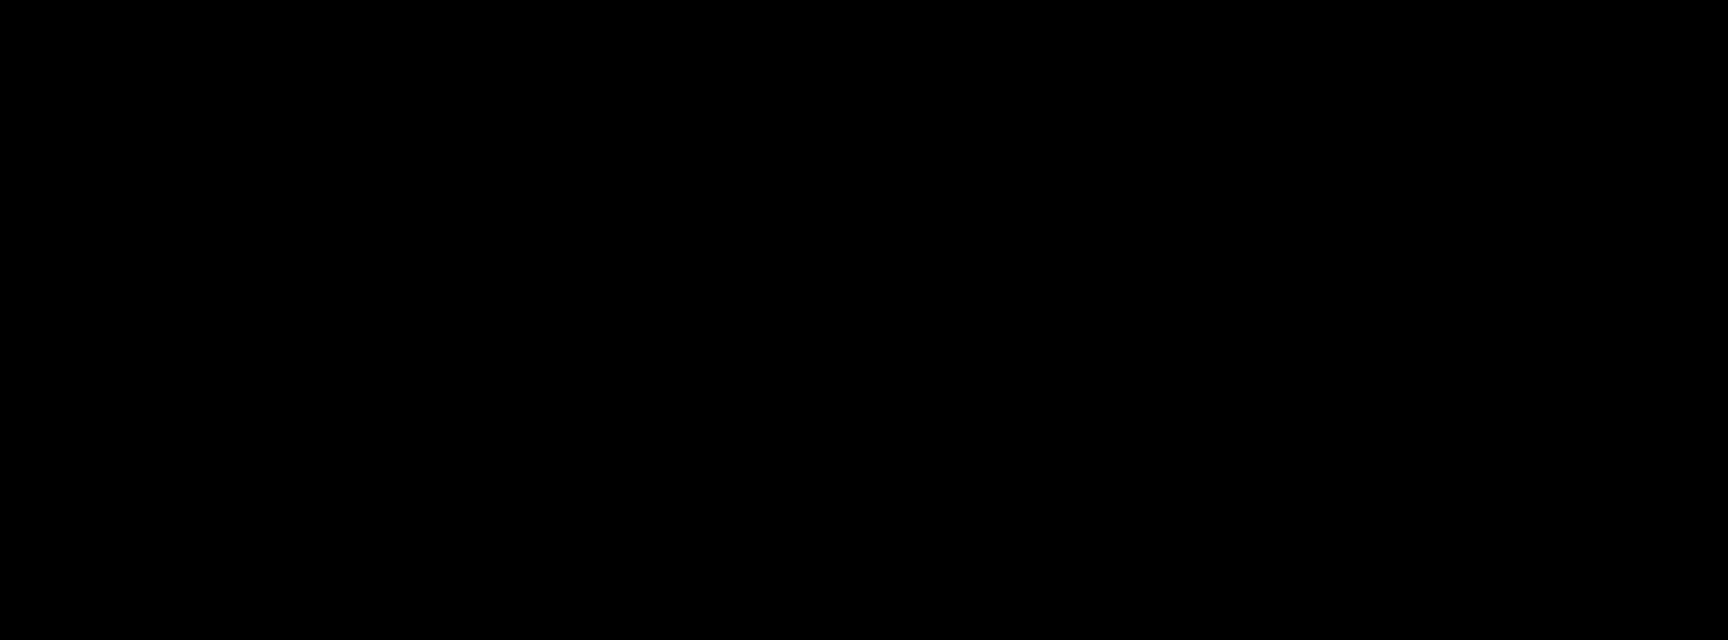 ナチュラルマイナースケールのダイアトニックコード